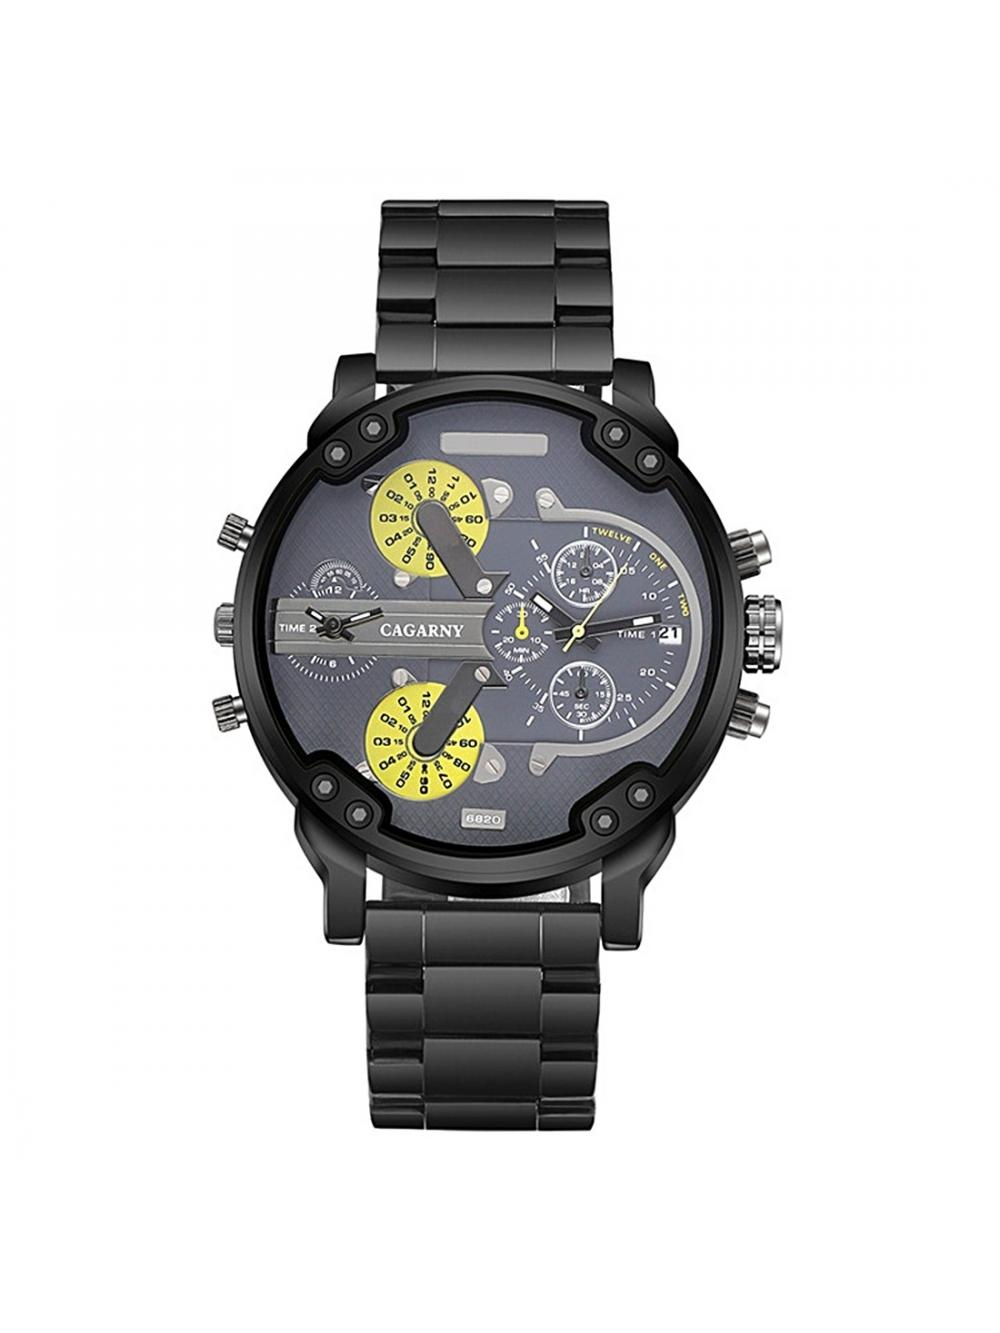 183fb5557 Pánske módne hodinky C005 - black - yellow. Loading zoom. Predchádzajúce.  Pánske módne hodinky ...